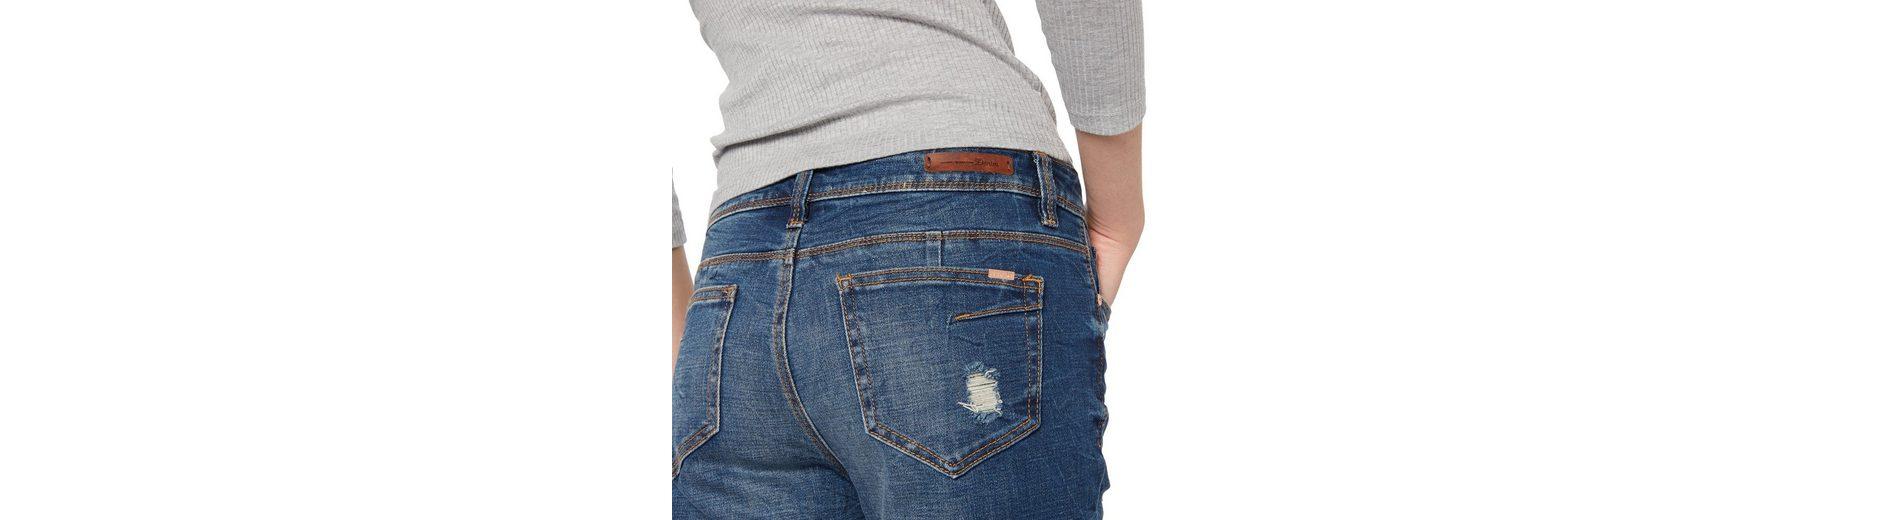 Bilder Großhandelspreis Tom Tailor Denim 5-Pocket-Jeans Liv Boyfriend Online Kaufen Mit Paypal Auslass Wahl 1yy2ieqM